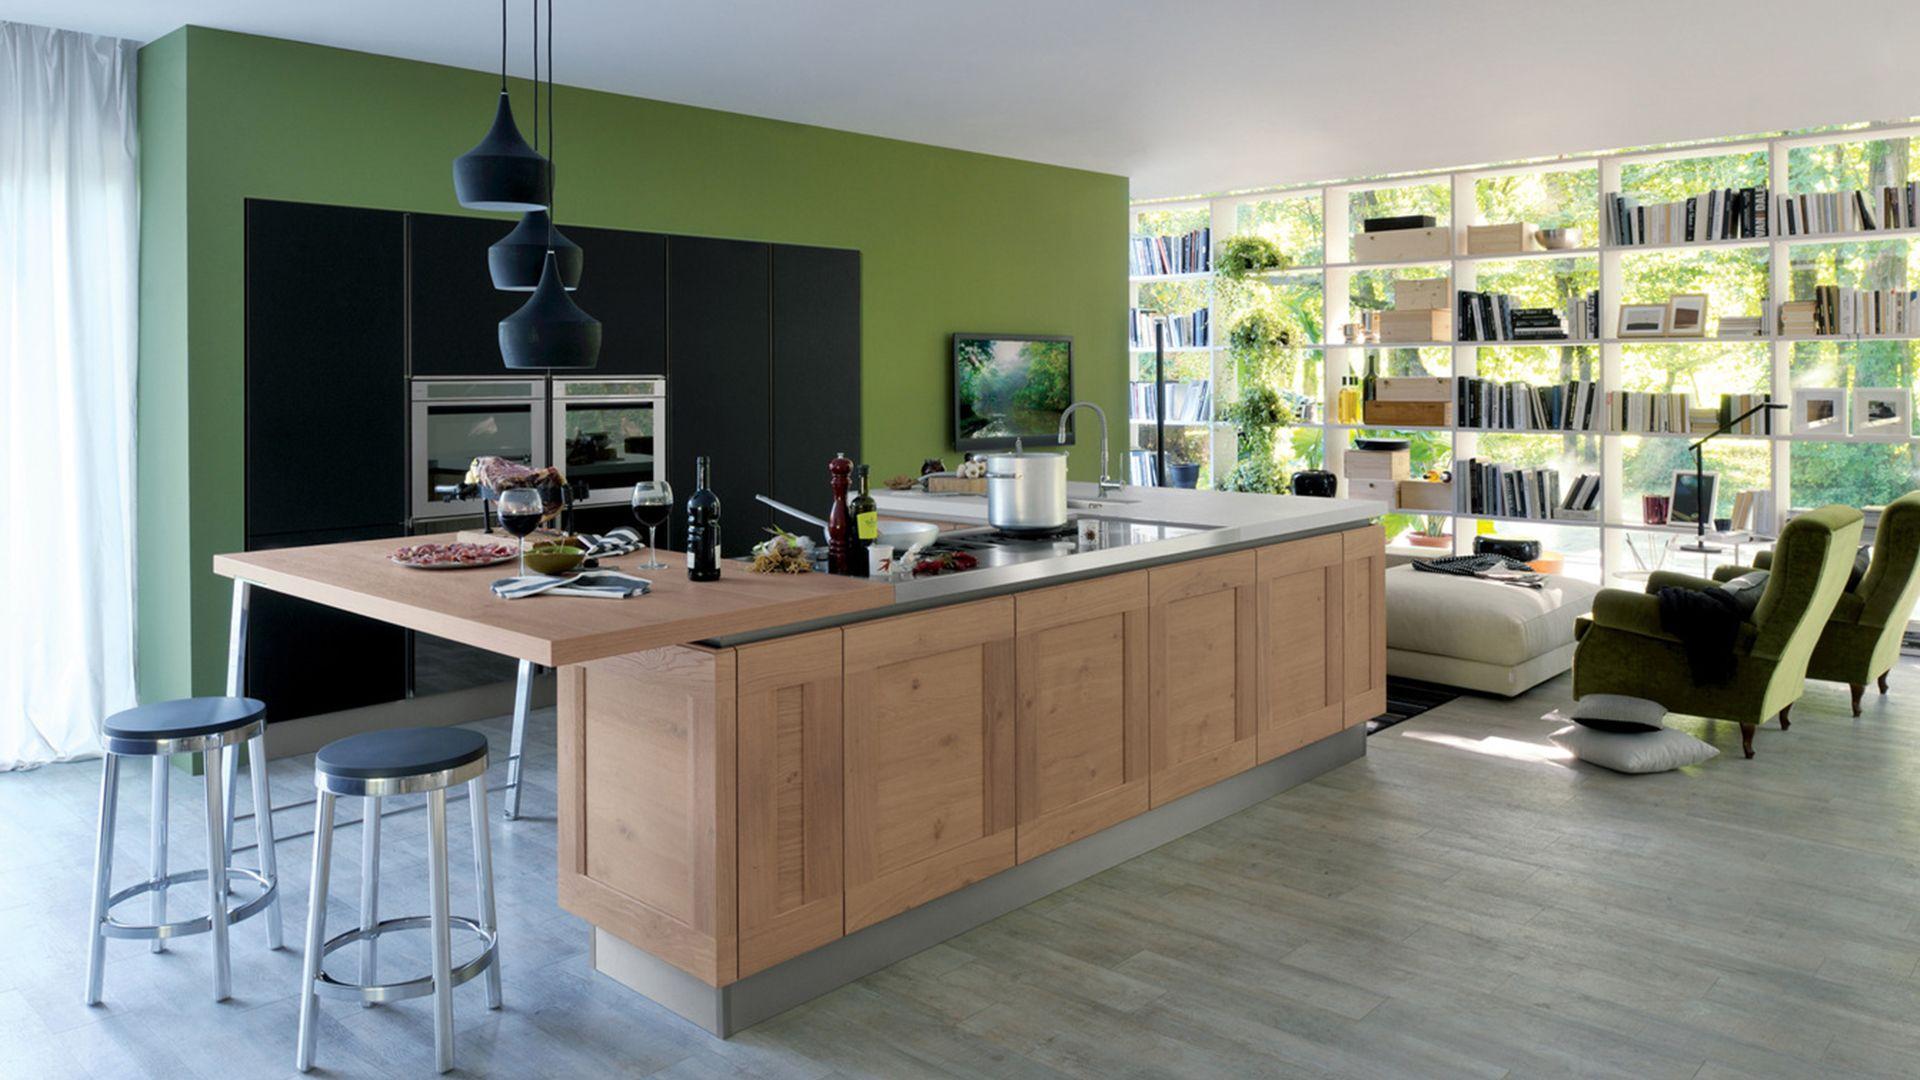 Berloni küchen ~ Kuhinja veneta cucine model dialogo shellsystem harvey norman